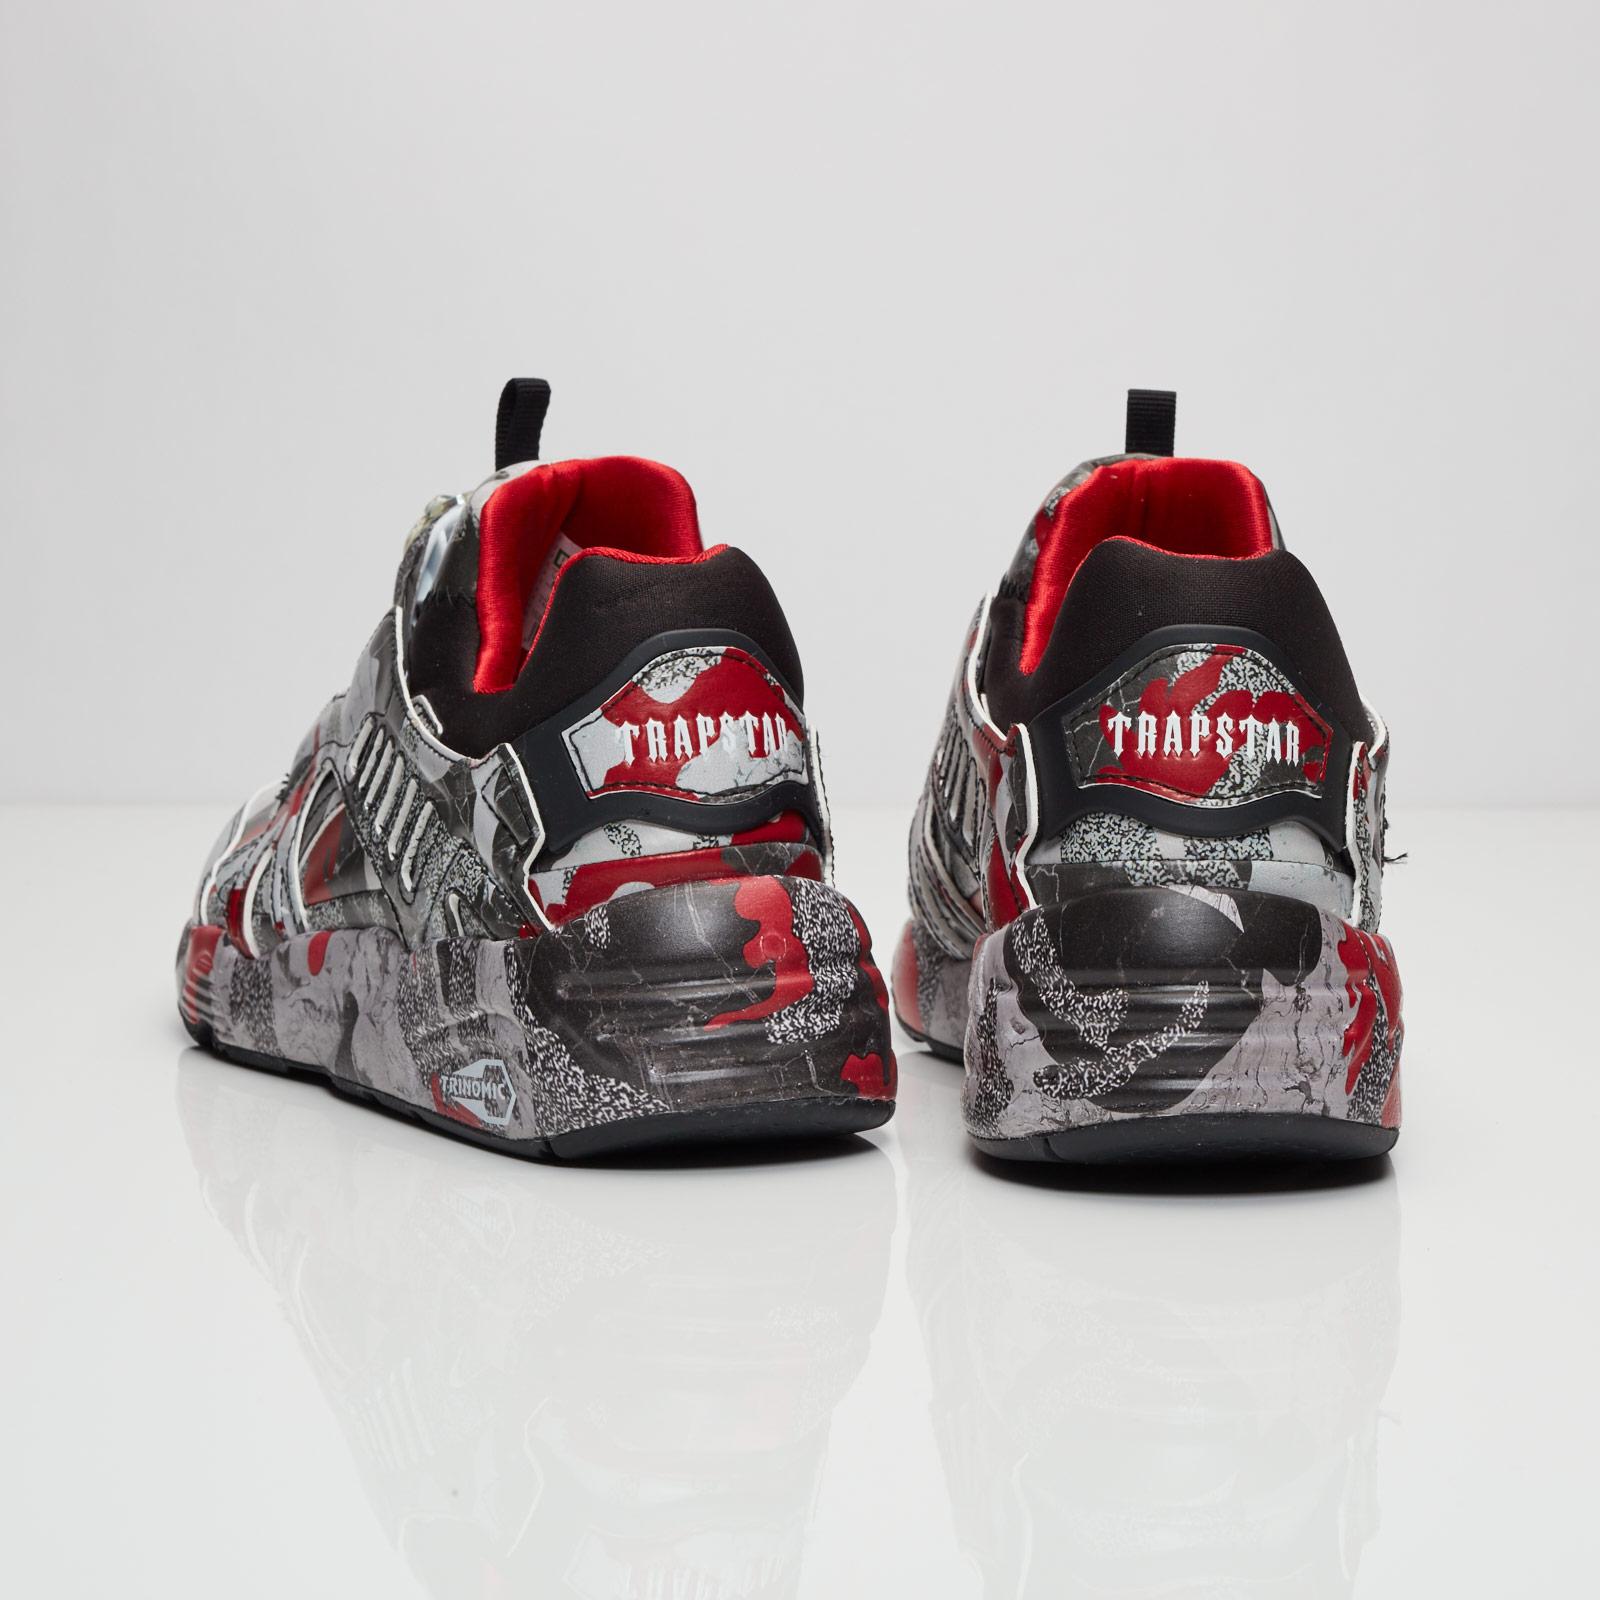 069abc59a6c49 Puma Disc Blaze Camo x TRAPSTAR - 361647-01 - Sneakersnstuff | sneakers &  streetwear online since 1999